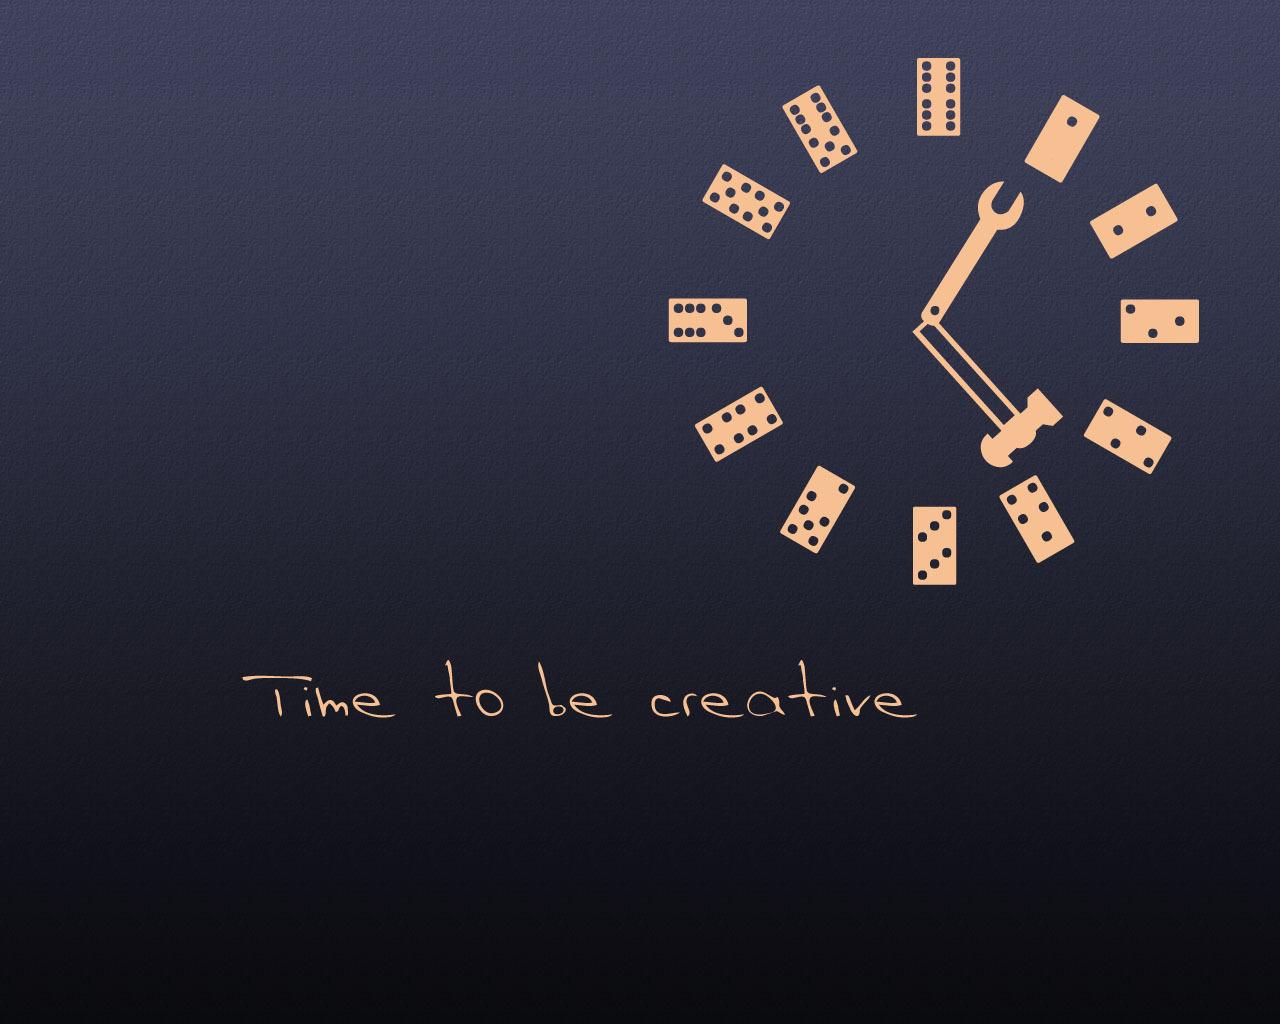 Creative quote #4